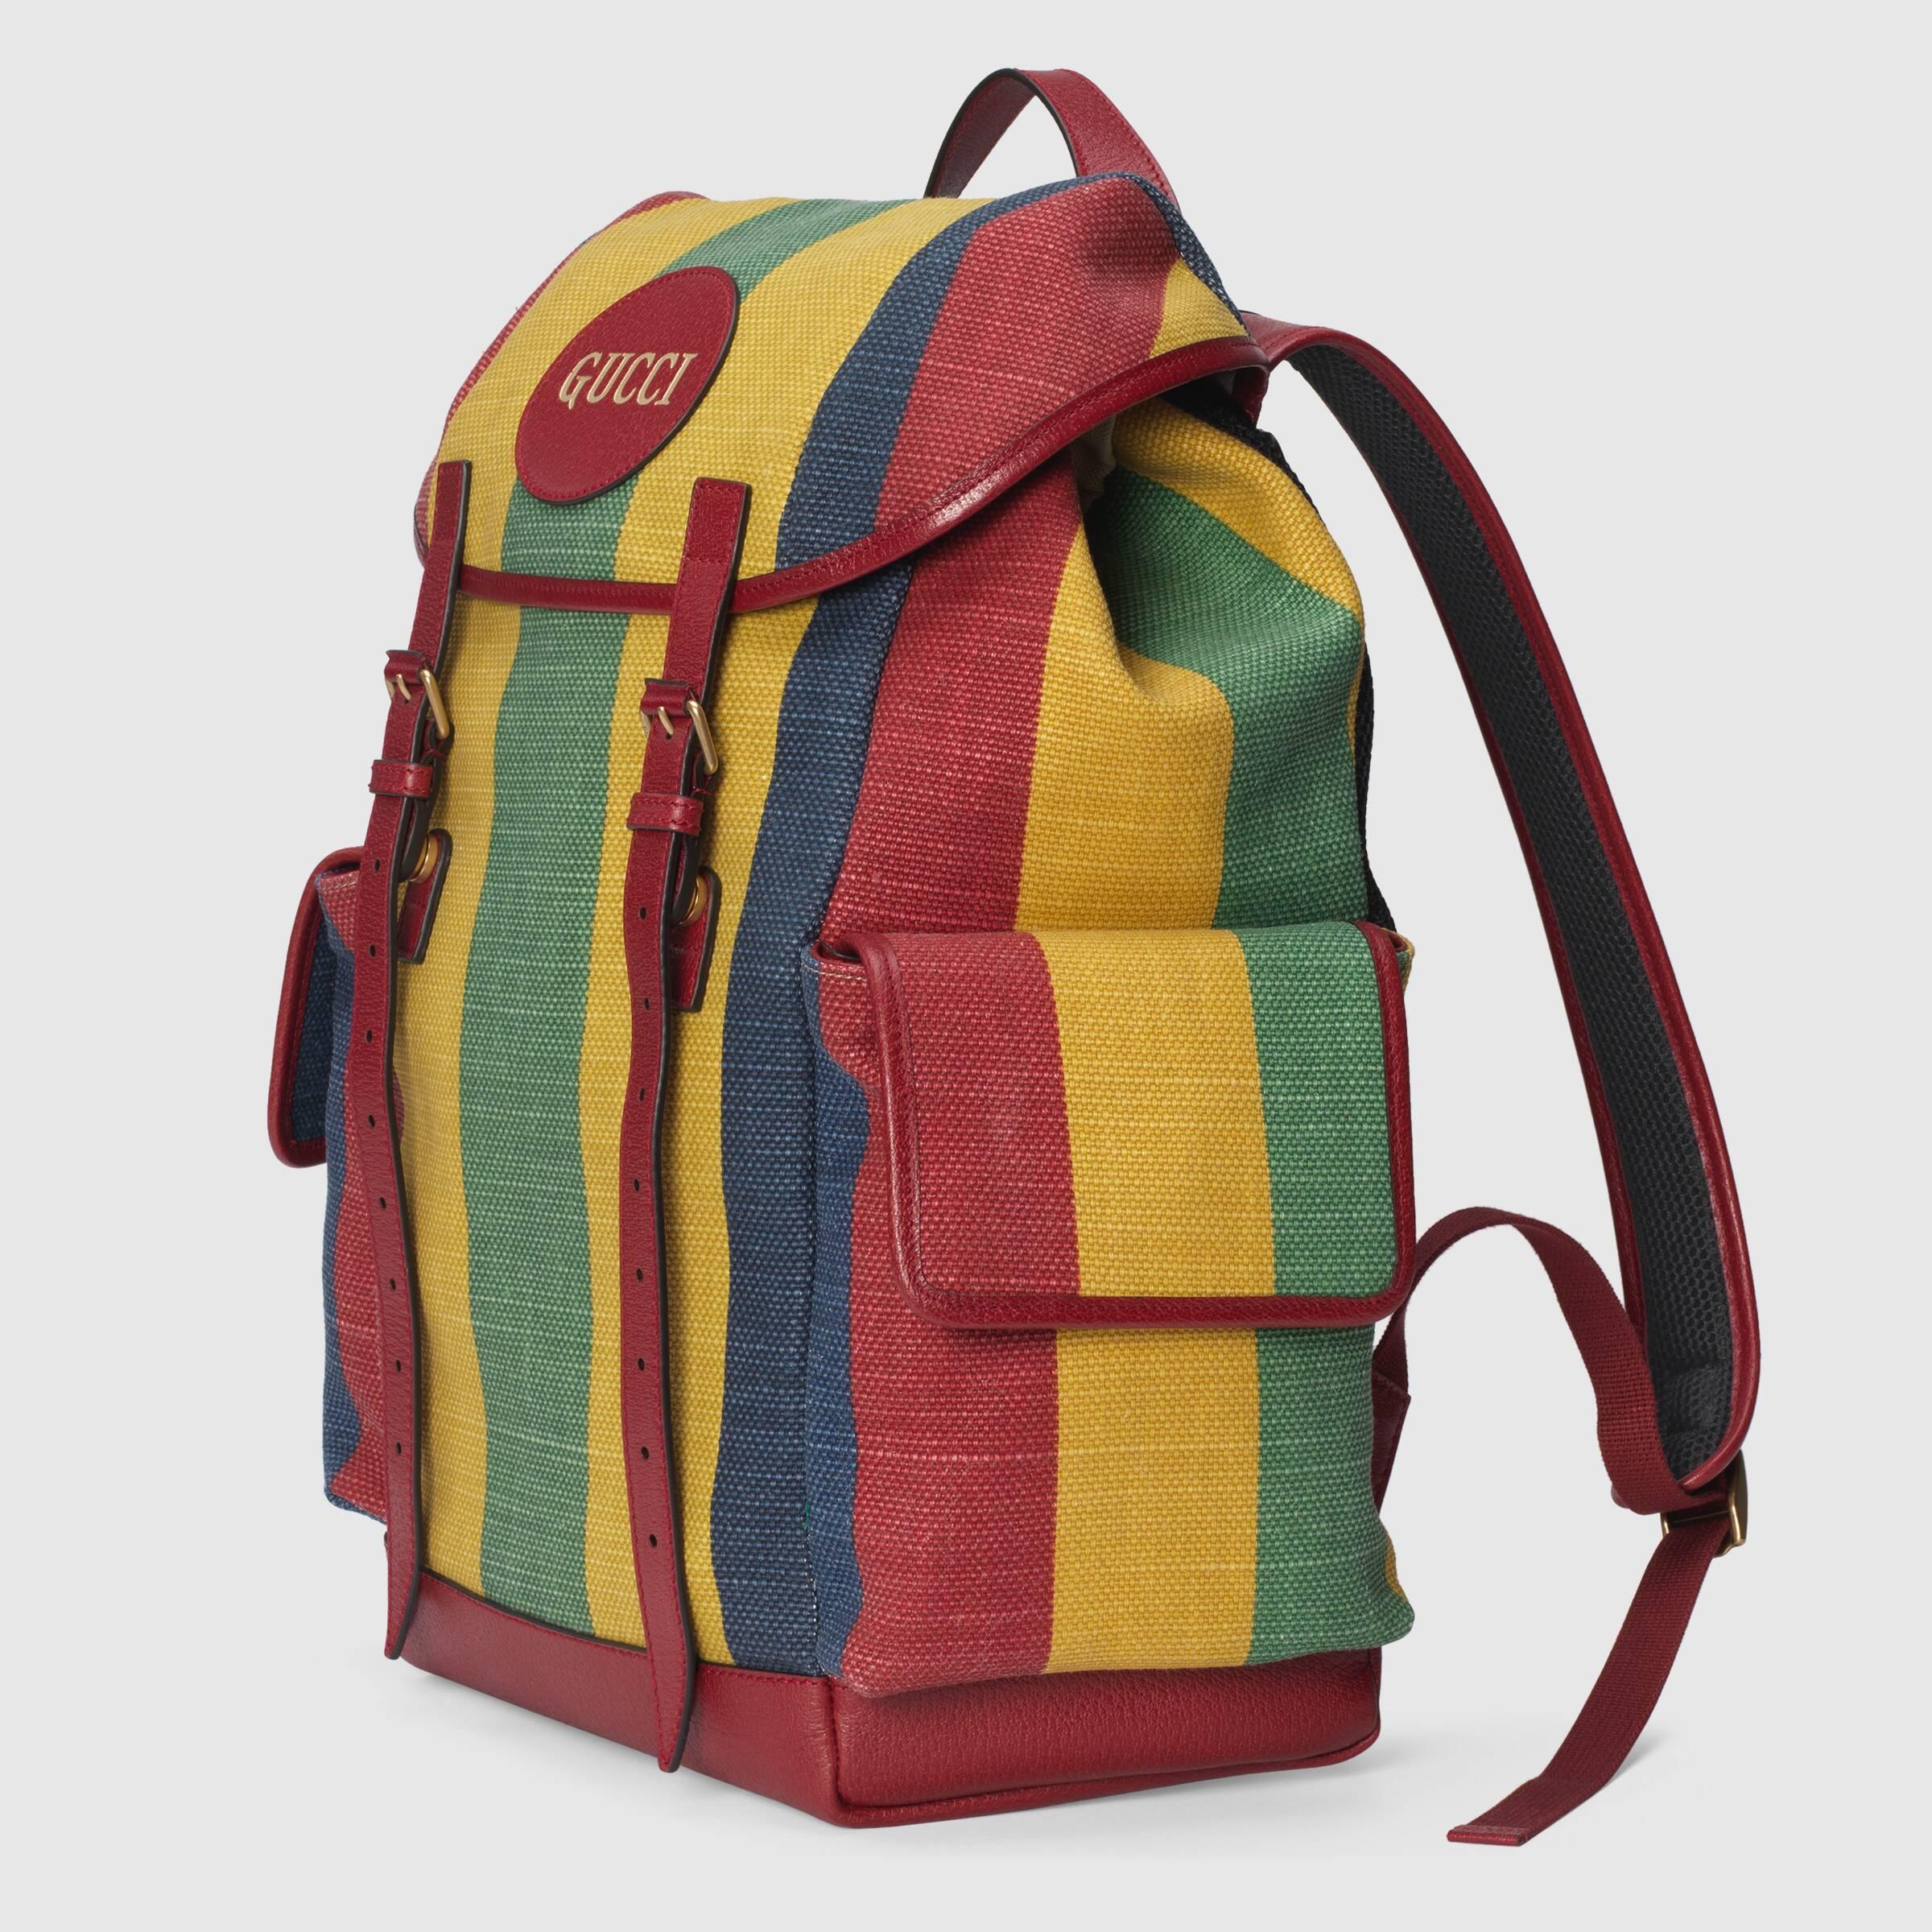 유럽직배송 구찌 GUCCI Gucci Baiadera stripe canvas backpack  6259392CSCT8946